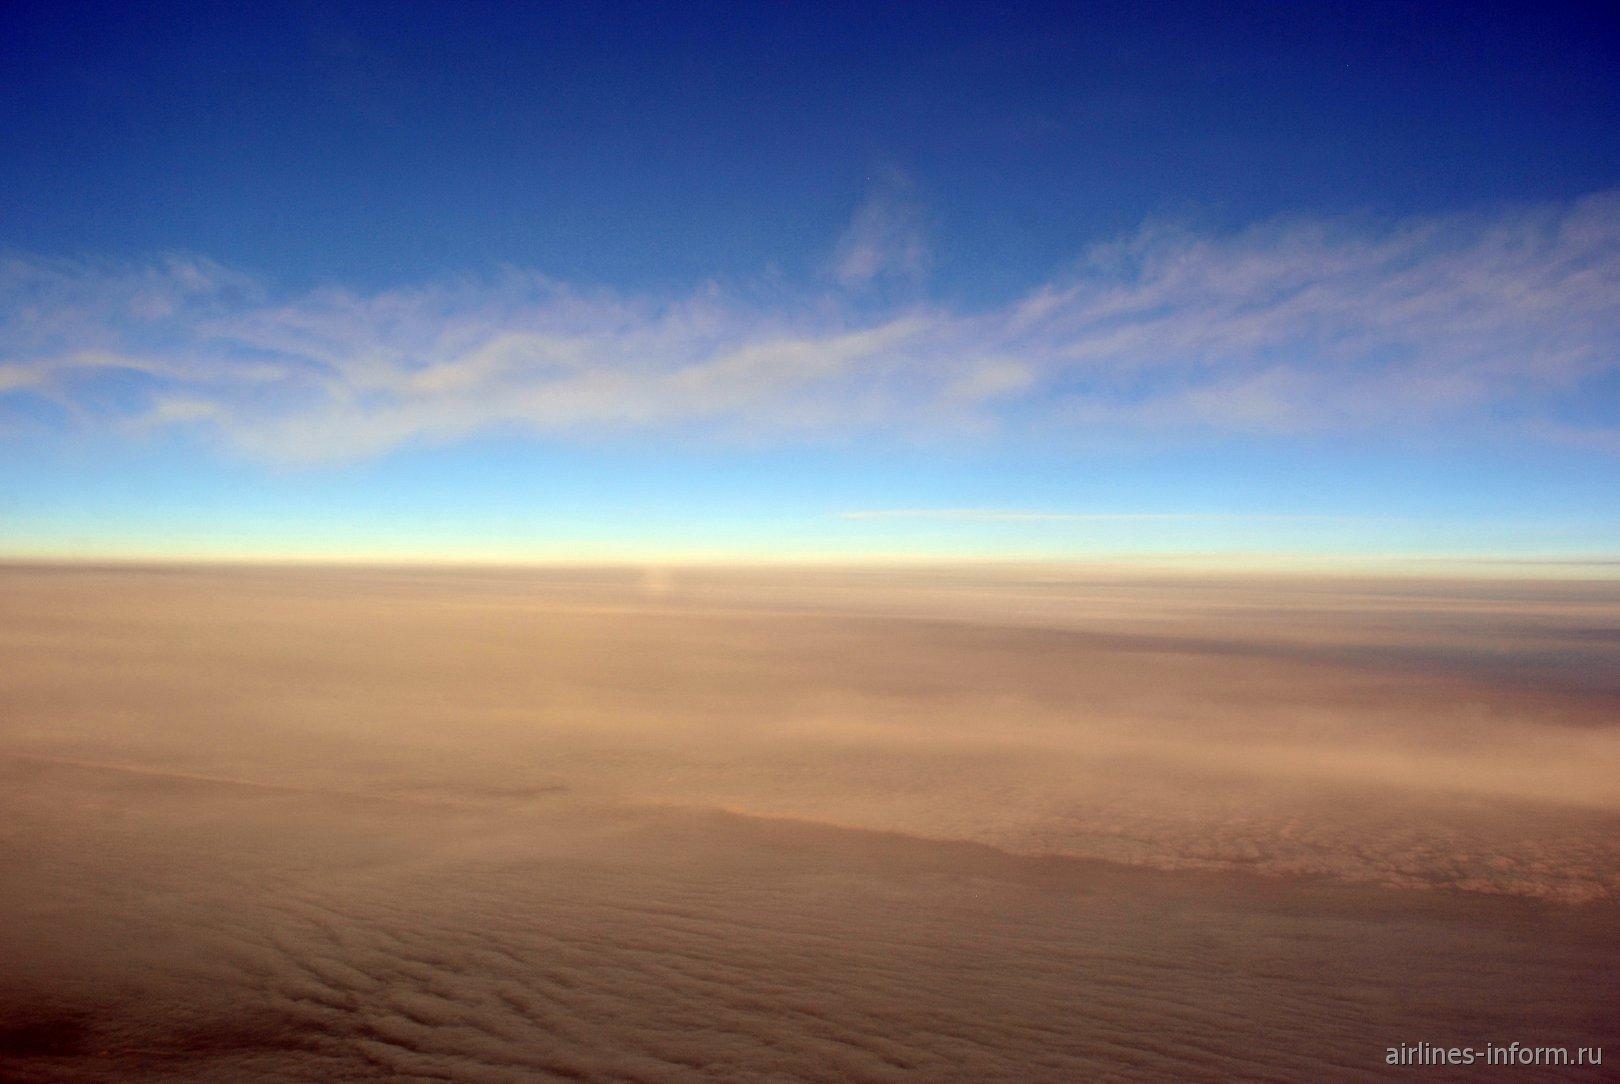 Облака на рассвете во время рейса Хельсинки-Лондон